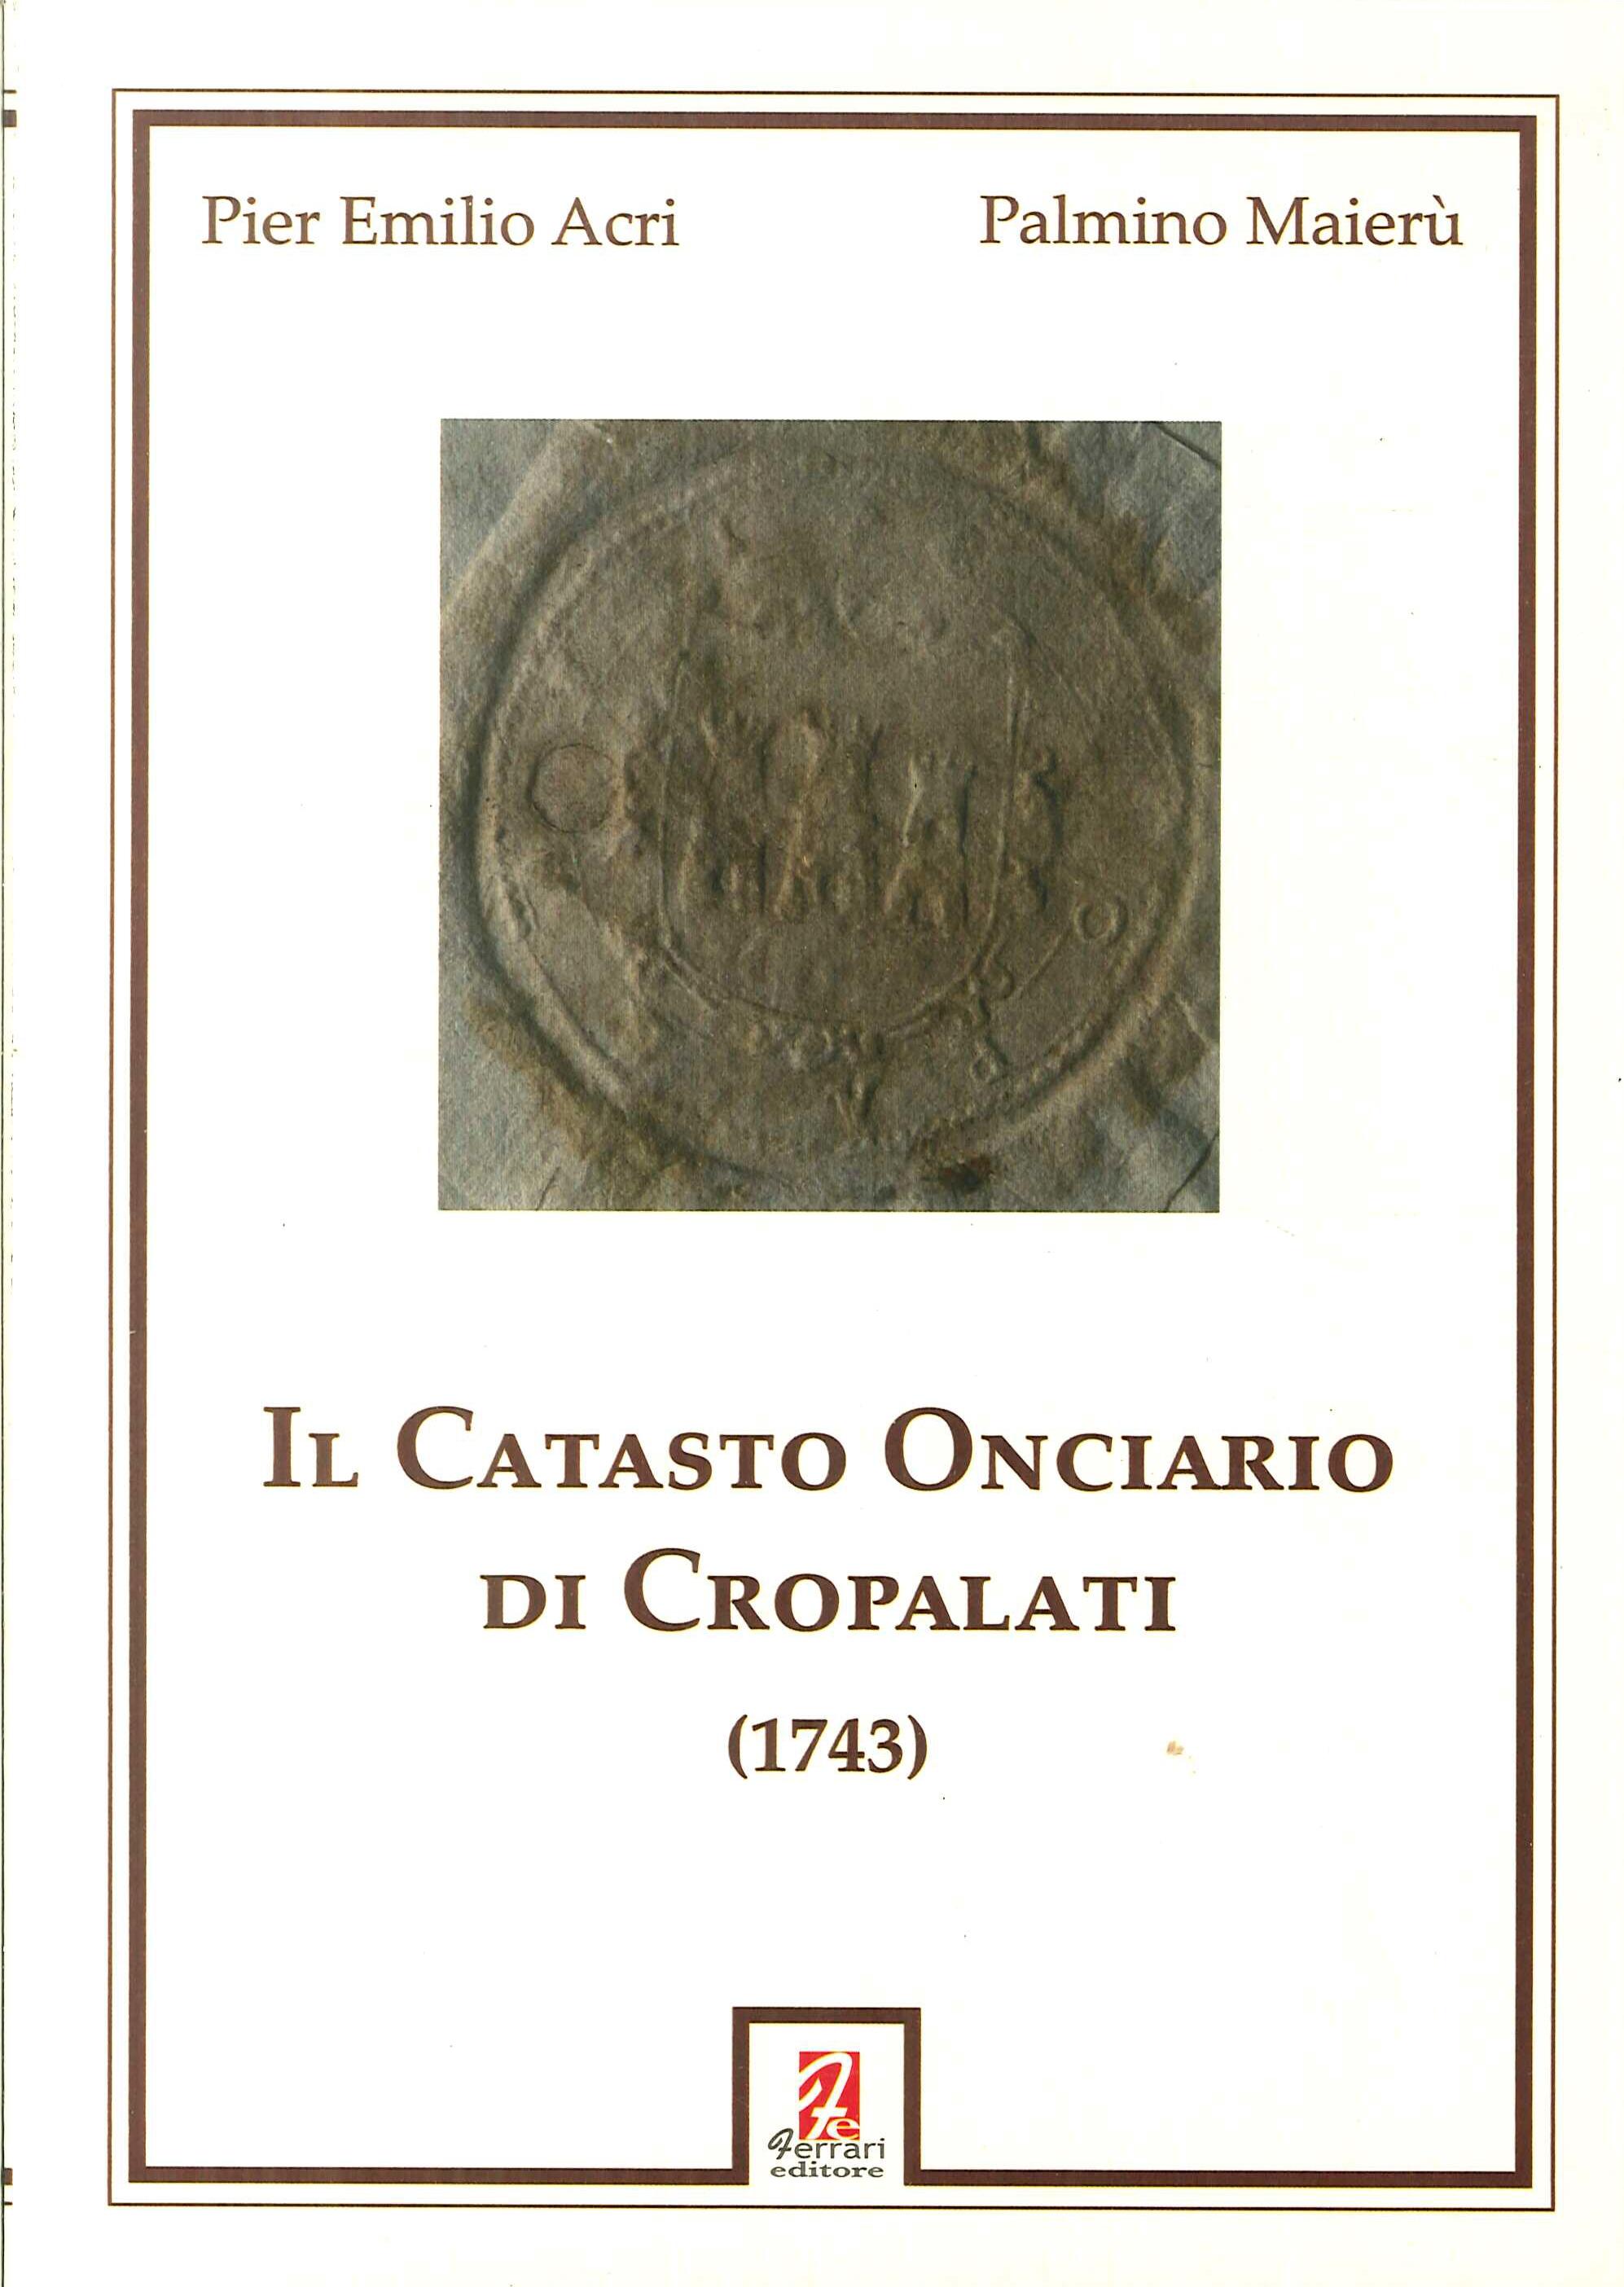 Il catasto onciario di Cropalati (1743)